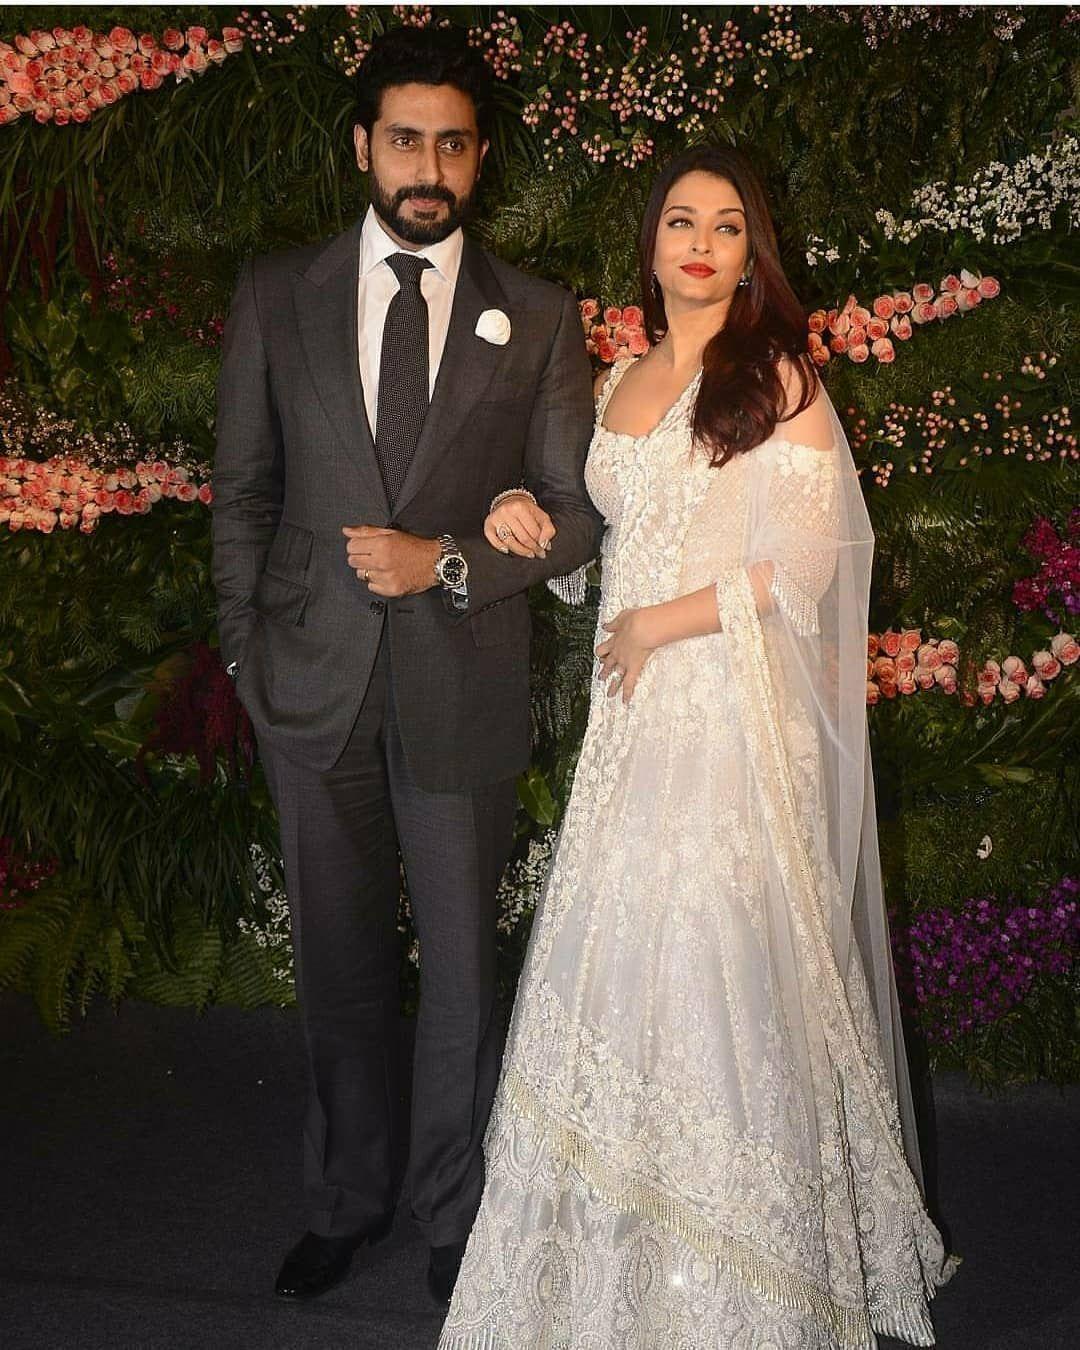 White Wedding Dress Mumbai: Spotted: Aishwarya Rai Bachchan Looks Serene In This